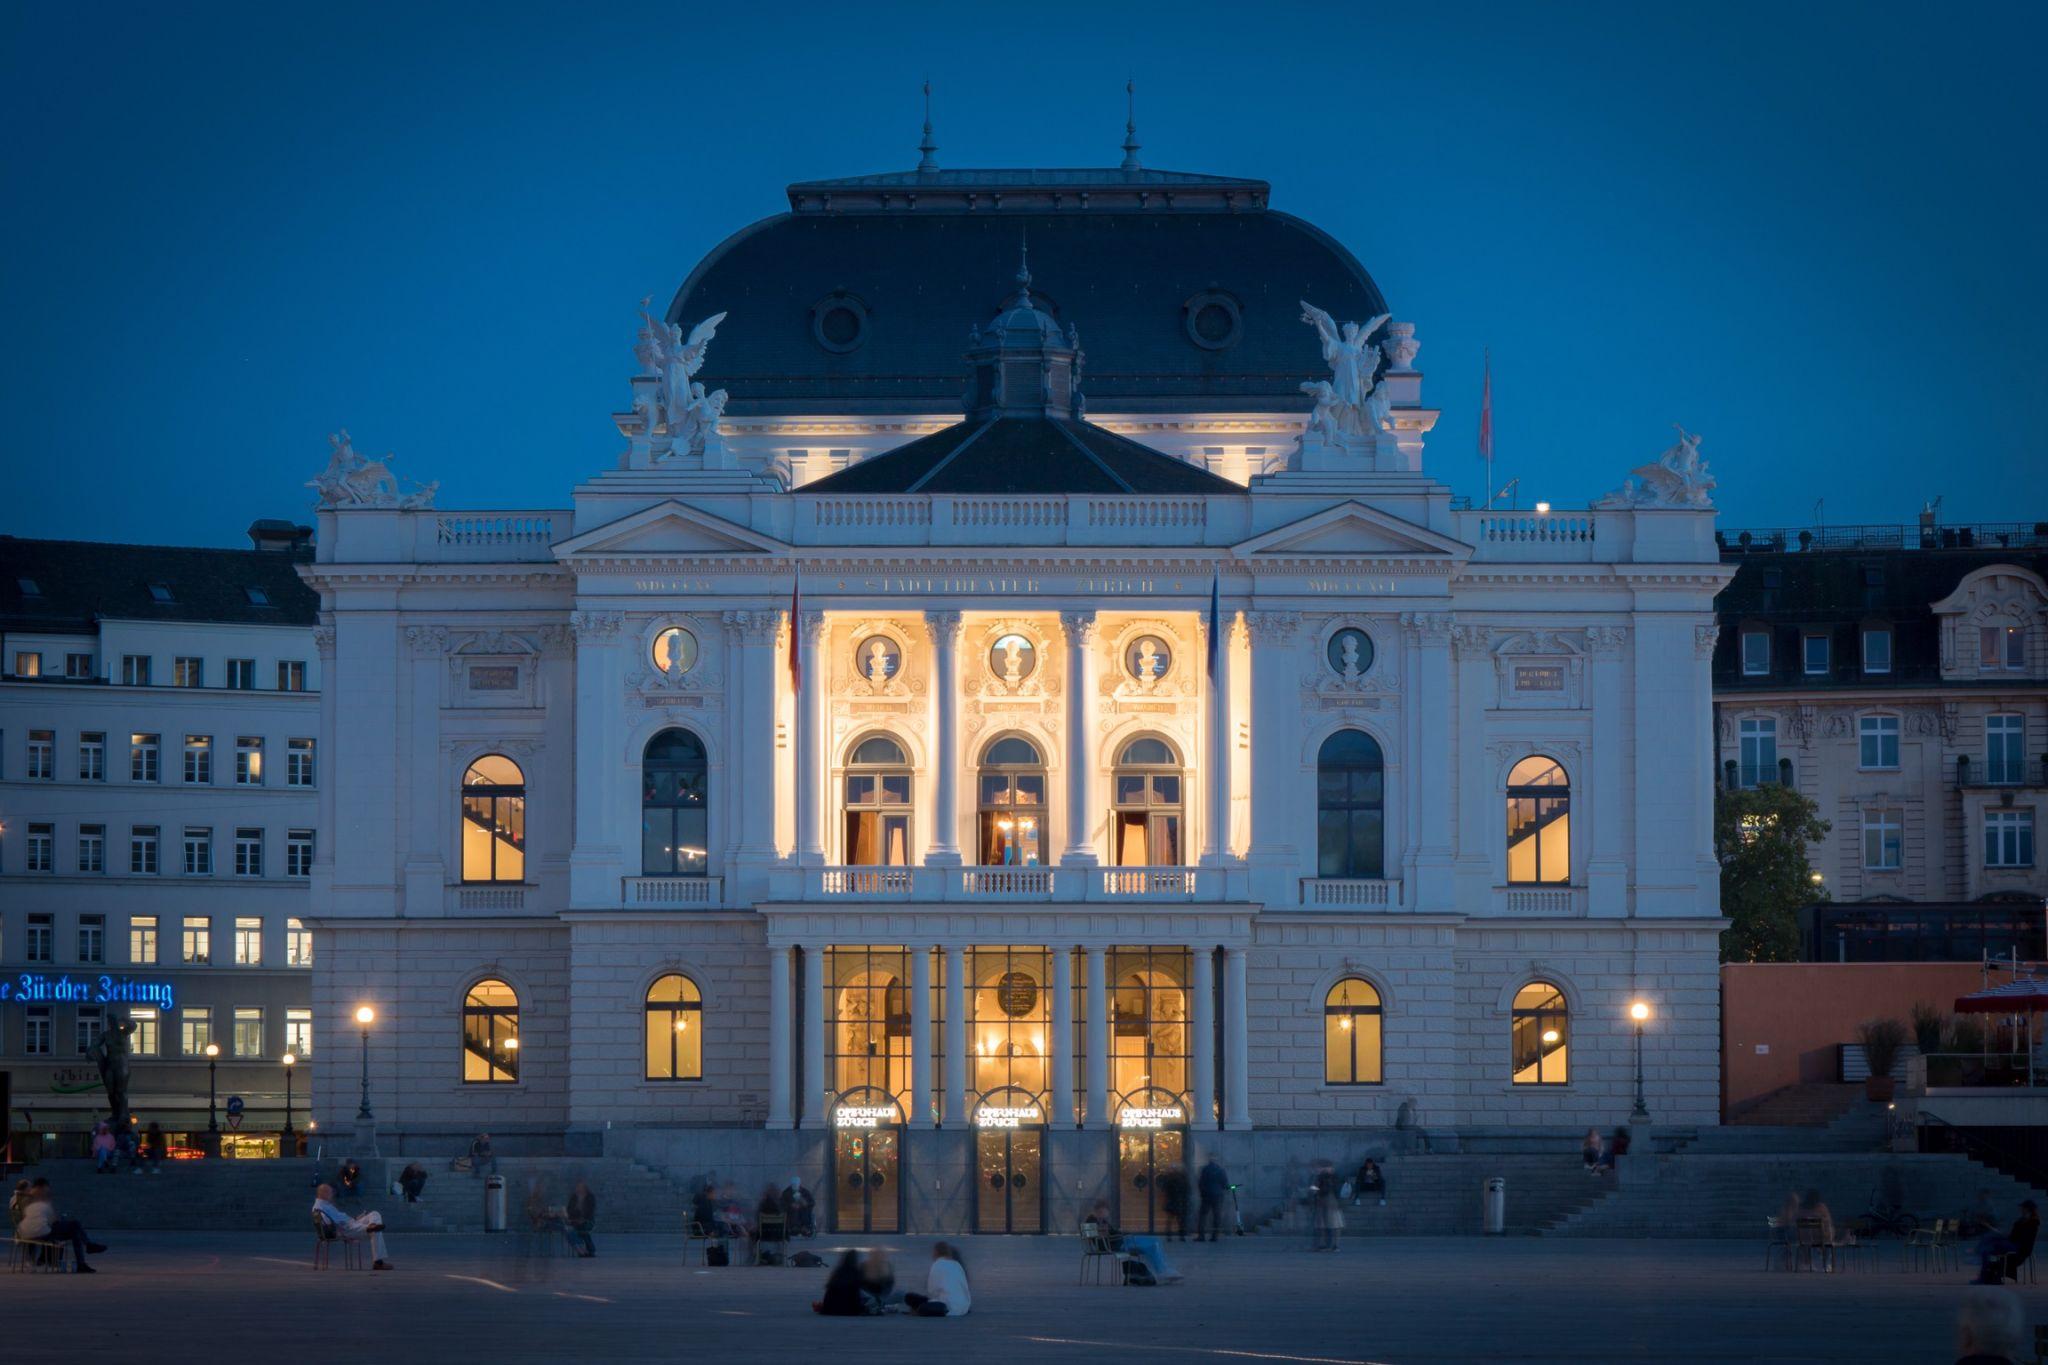 Opera from Sechseläutenplatz, Switzerland